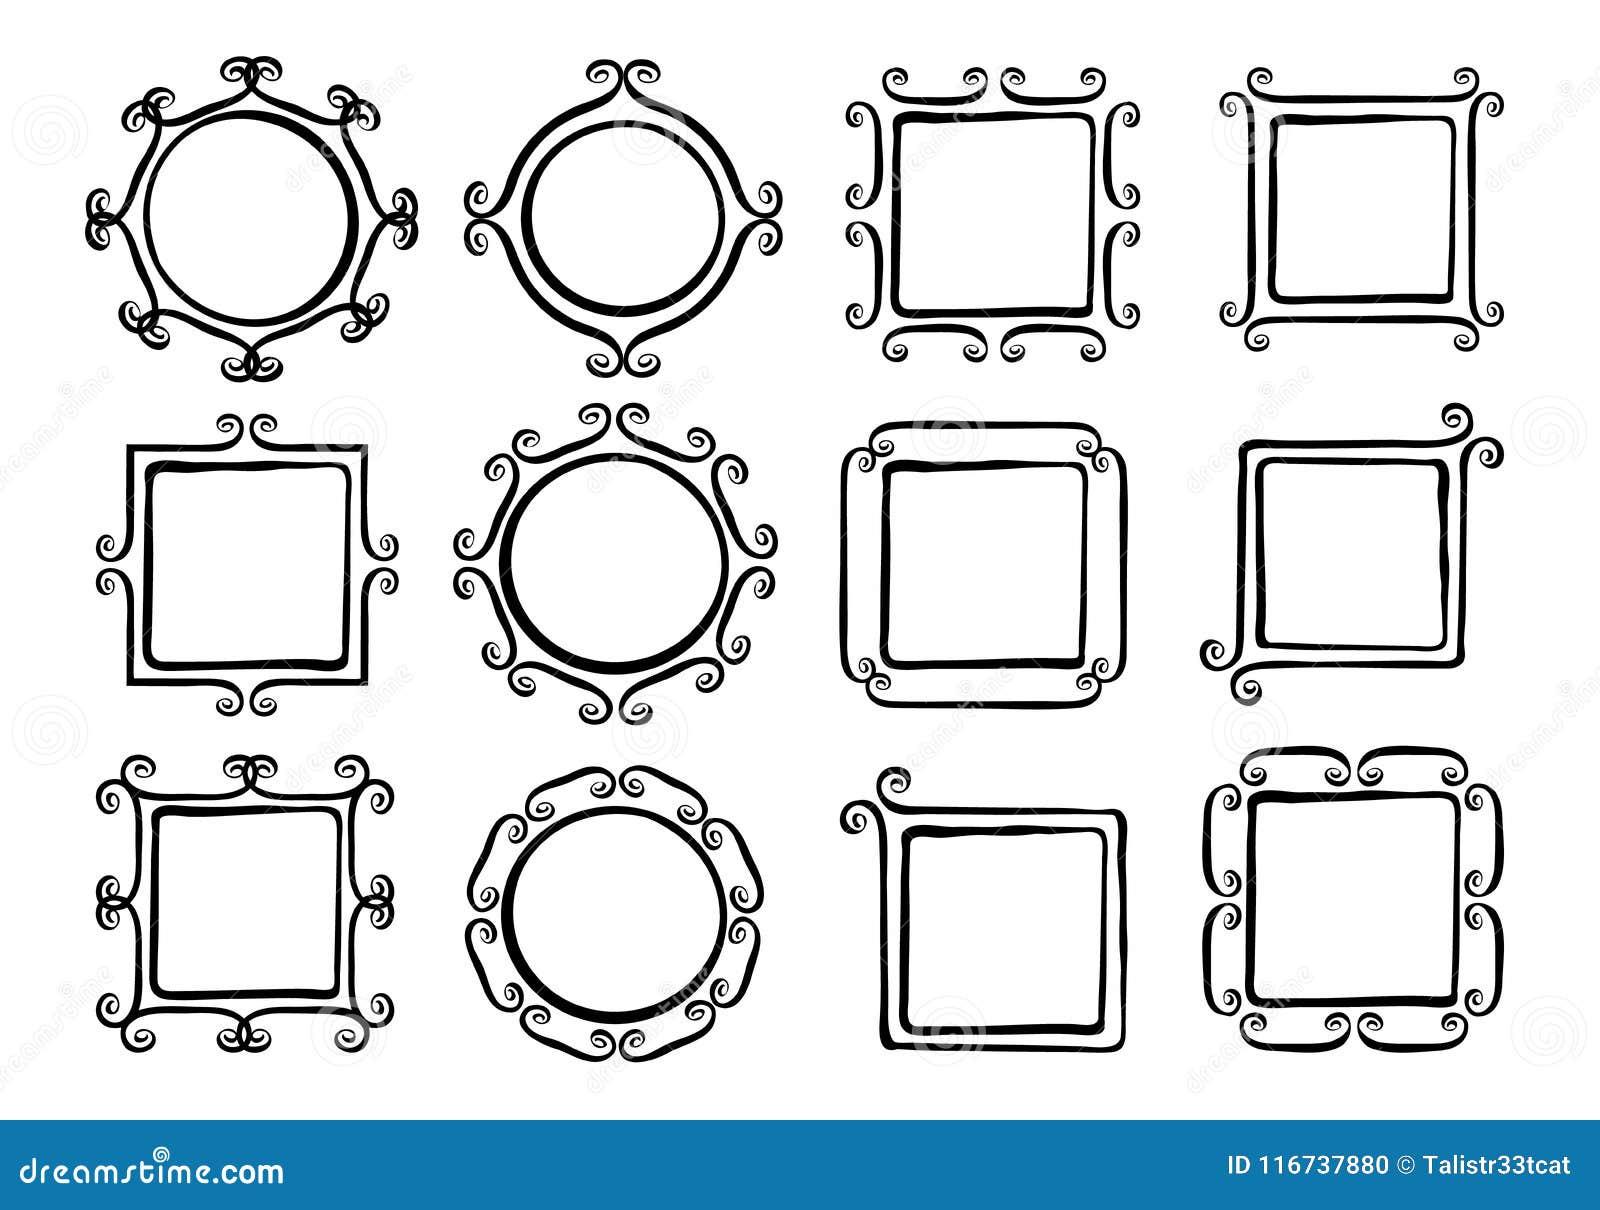 Whimsical swirl frames stock vector. Illustration of divide - 116737880